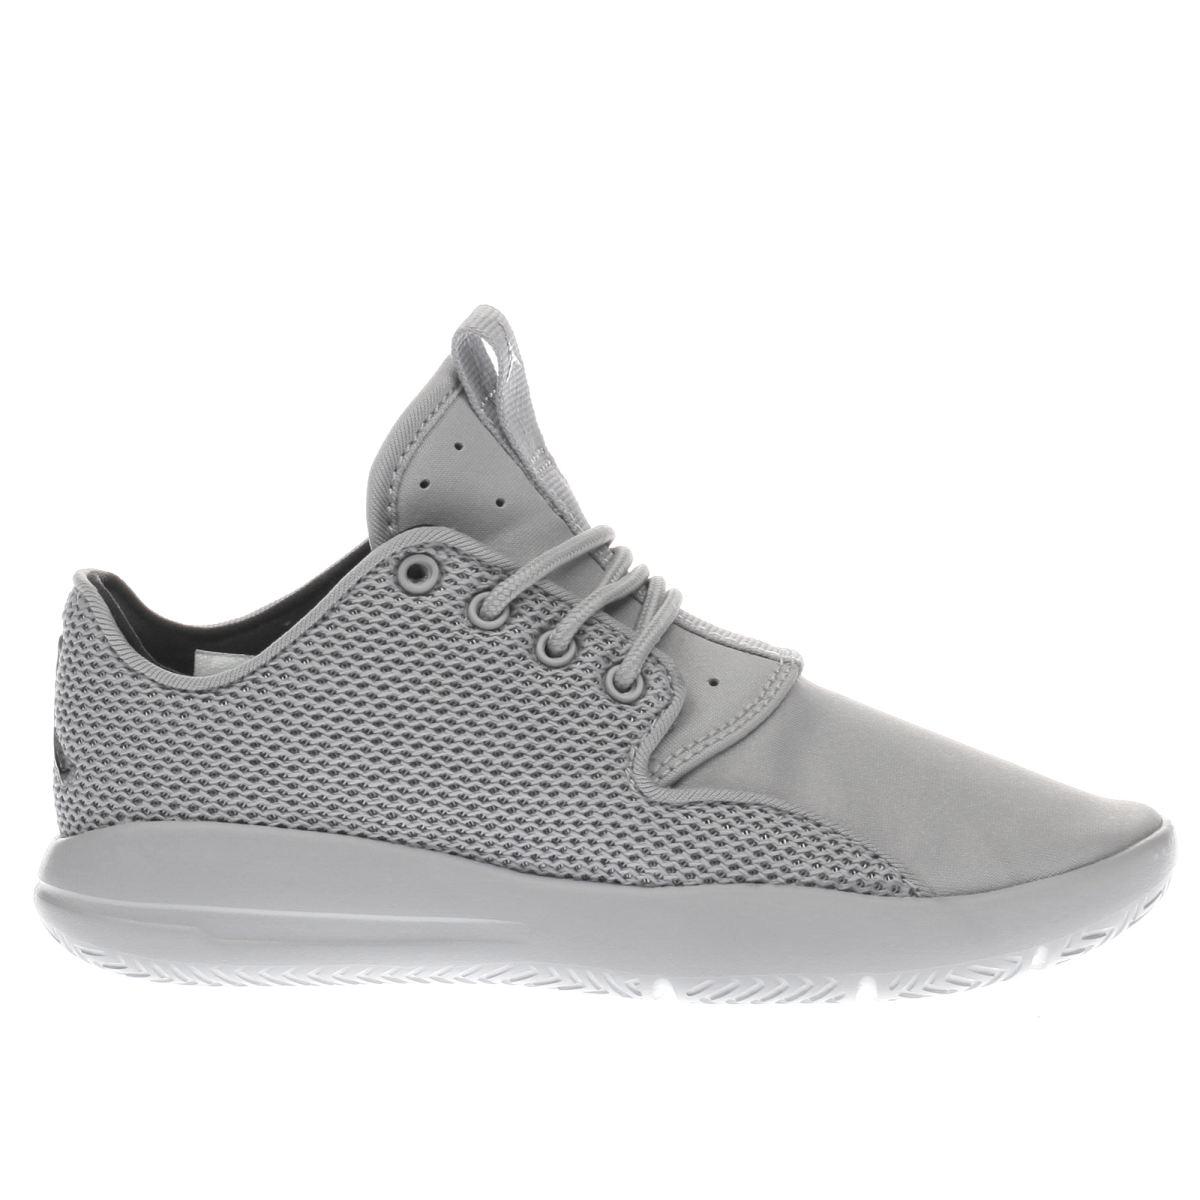 nike jordan Nike Jordan Grey Eclipse Unisex Junior